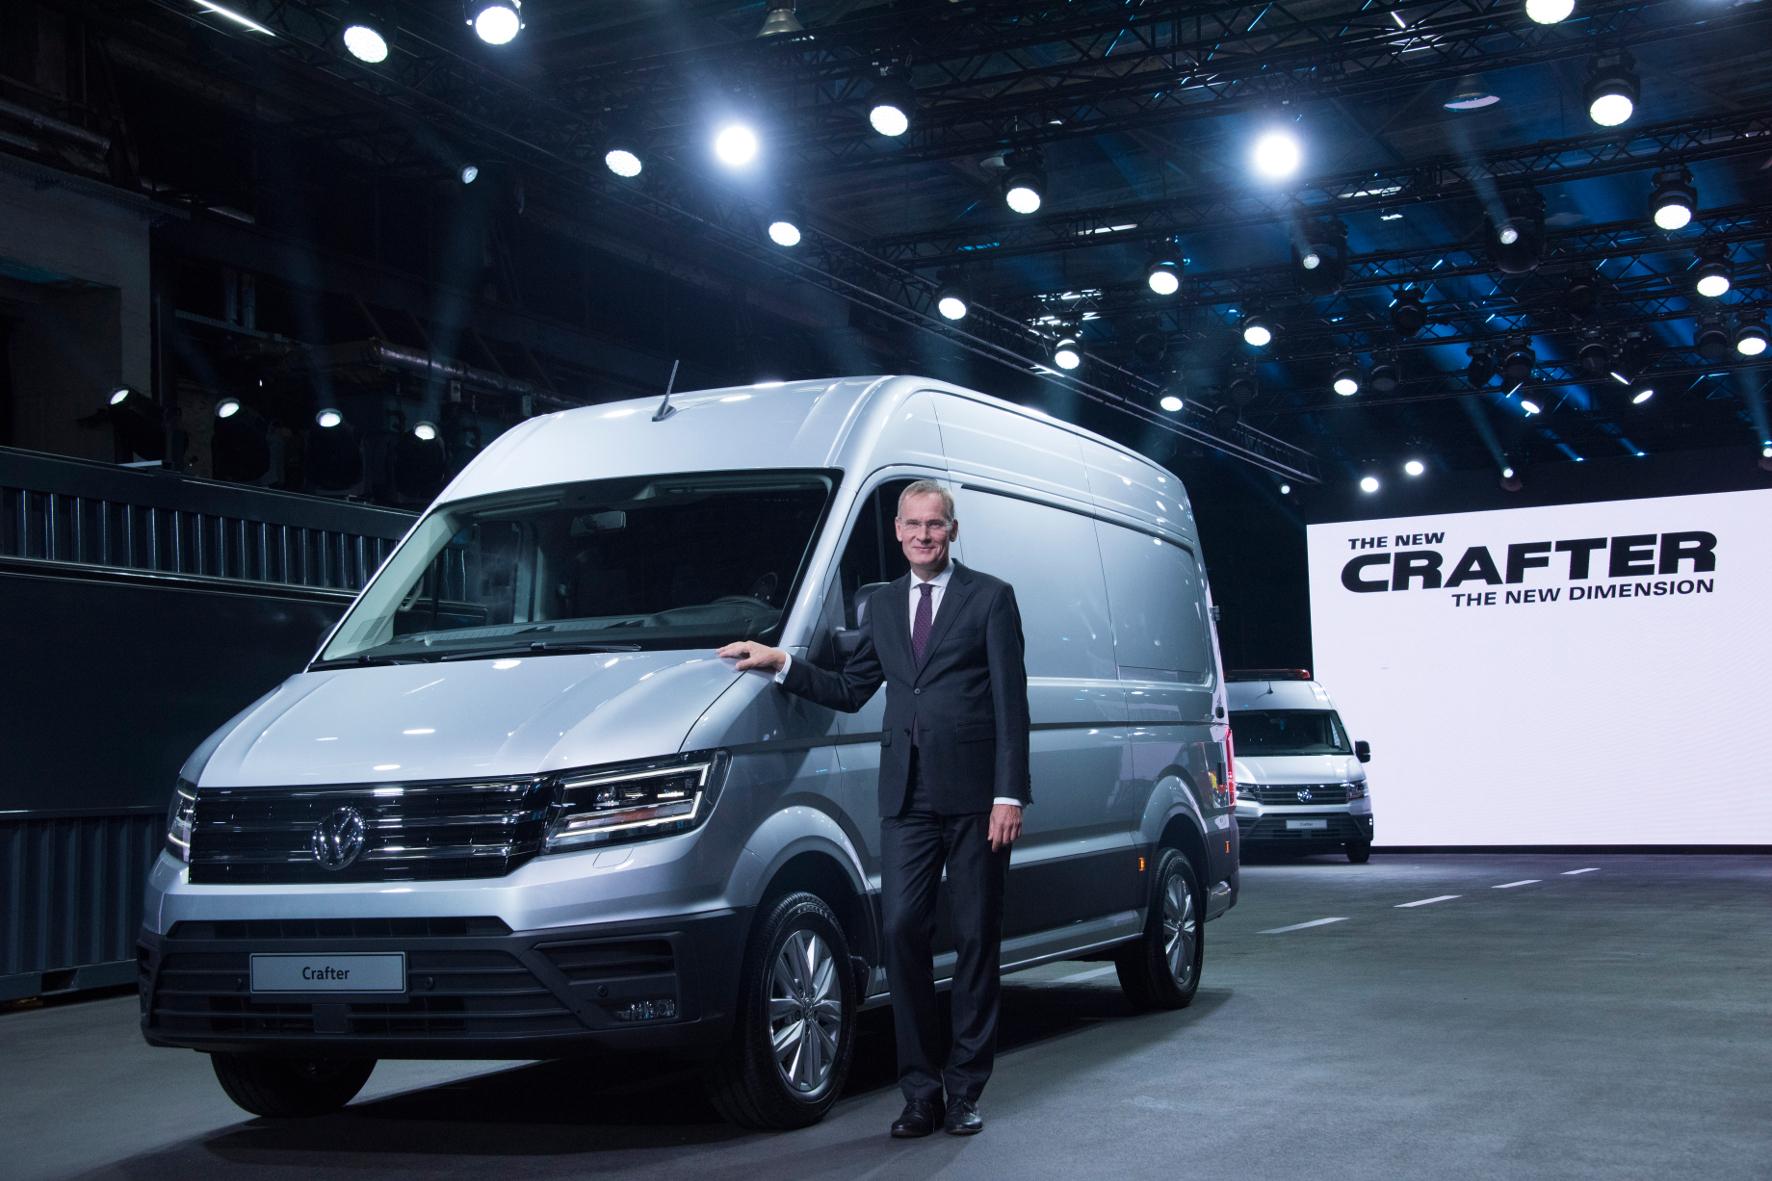 mid Offenbach - Stolz zeigt Eckhard Scholz, Chef von VW Nutzfahrzeuge, bei der Präsentation in Offenbach den neuen Crafter.